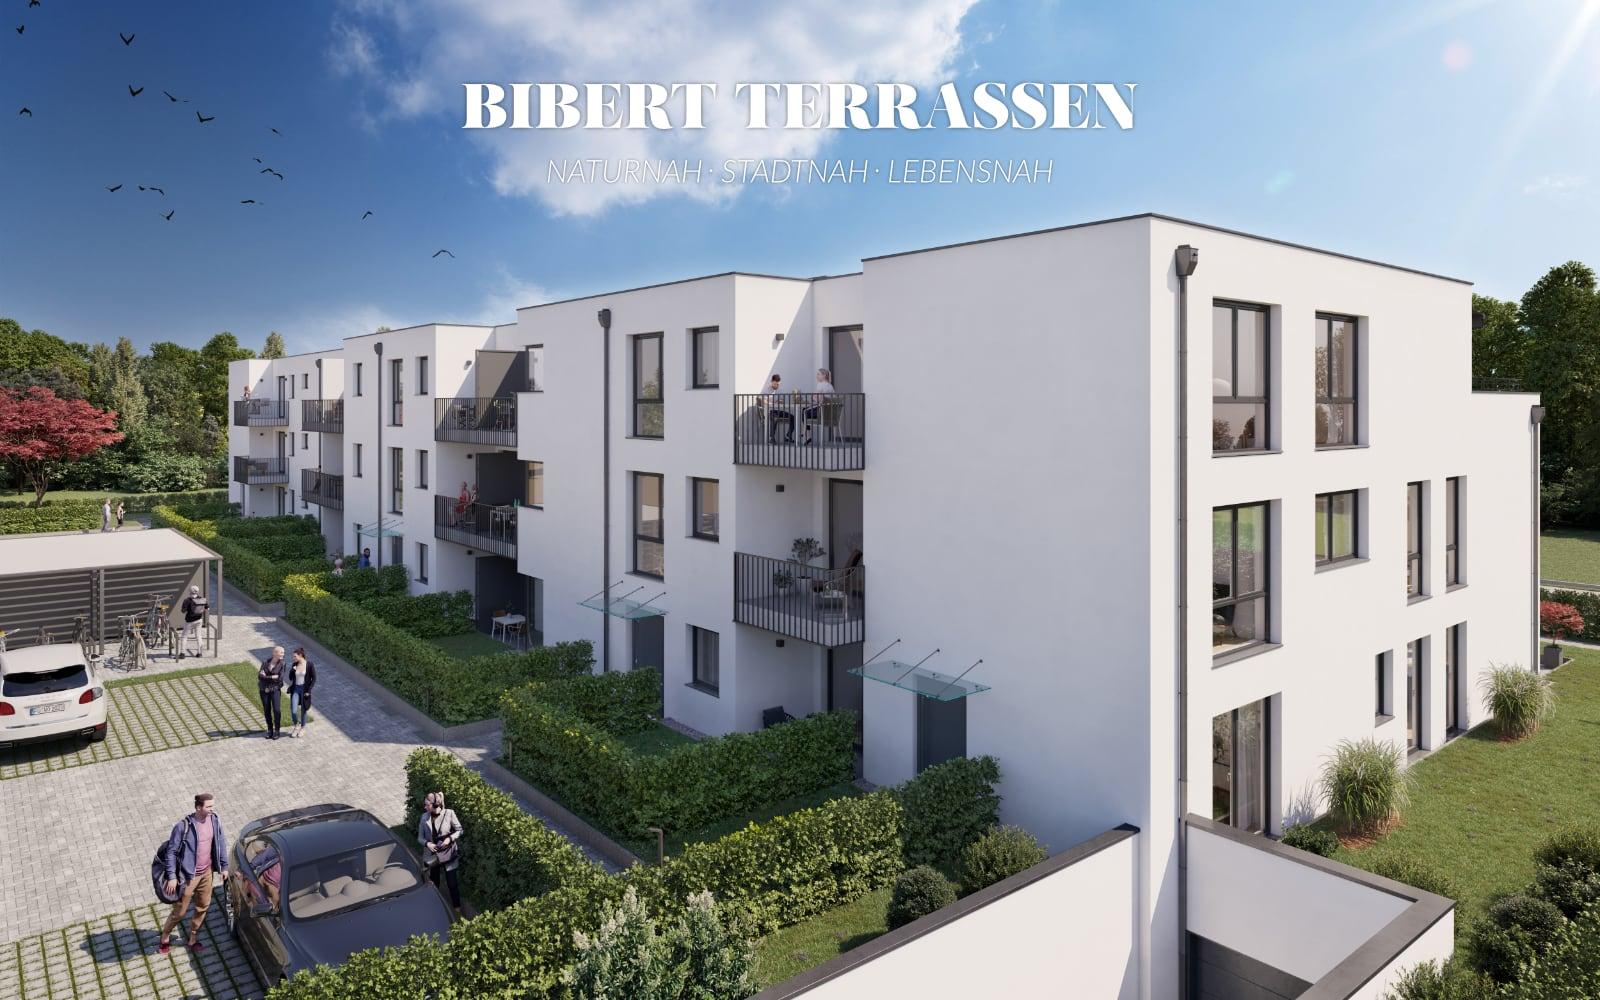 Bibert Terrassen in Zirndorf